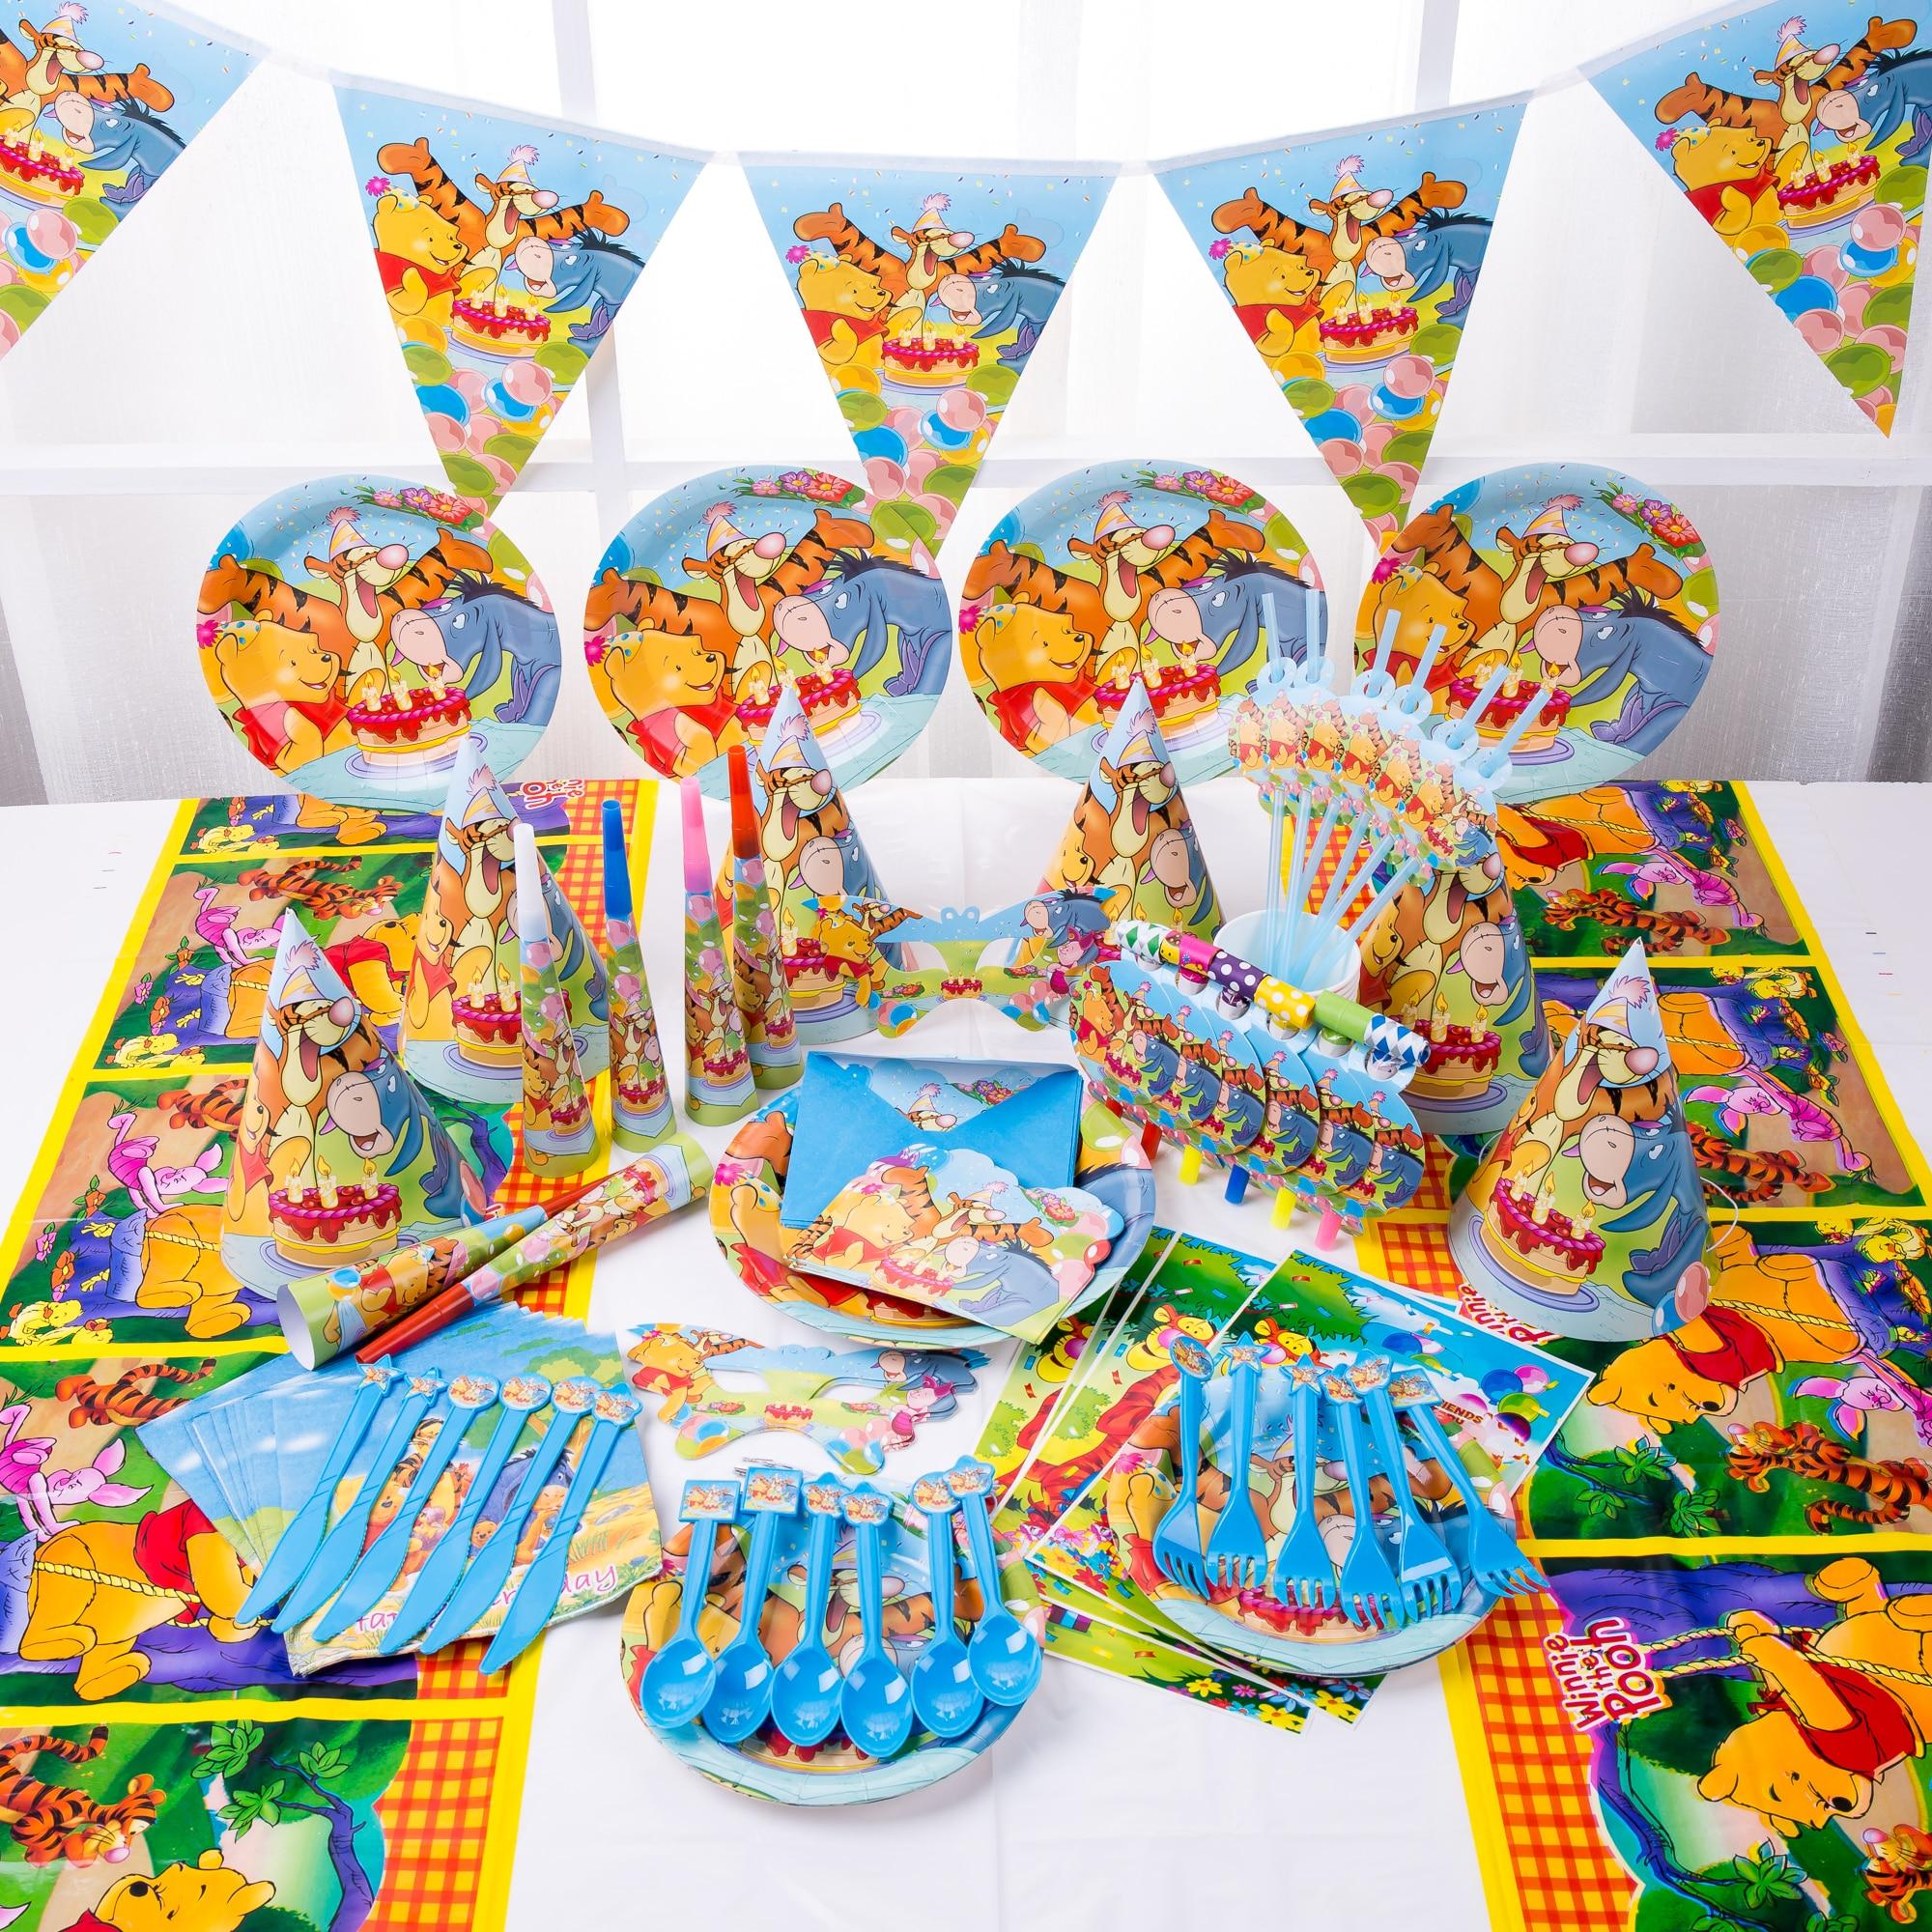 Winnie o pooh crianças decorações de festa de aniversário pratos de papel copos guardanapos descartáveis artigos de mesa chá de fraldas